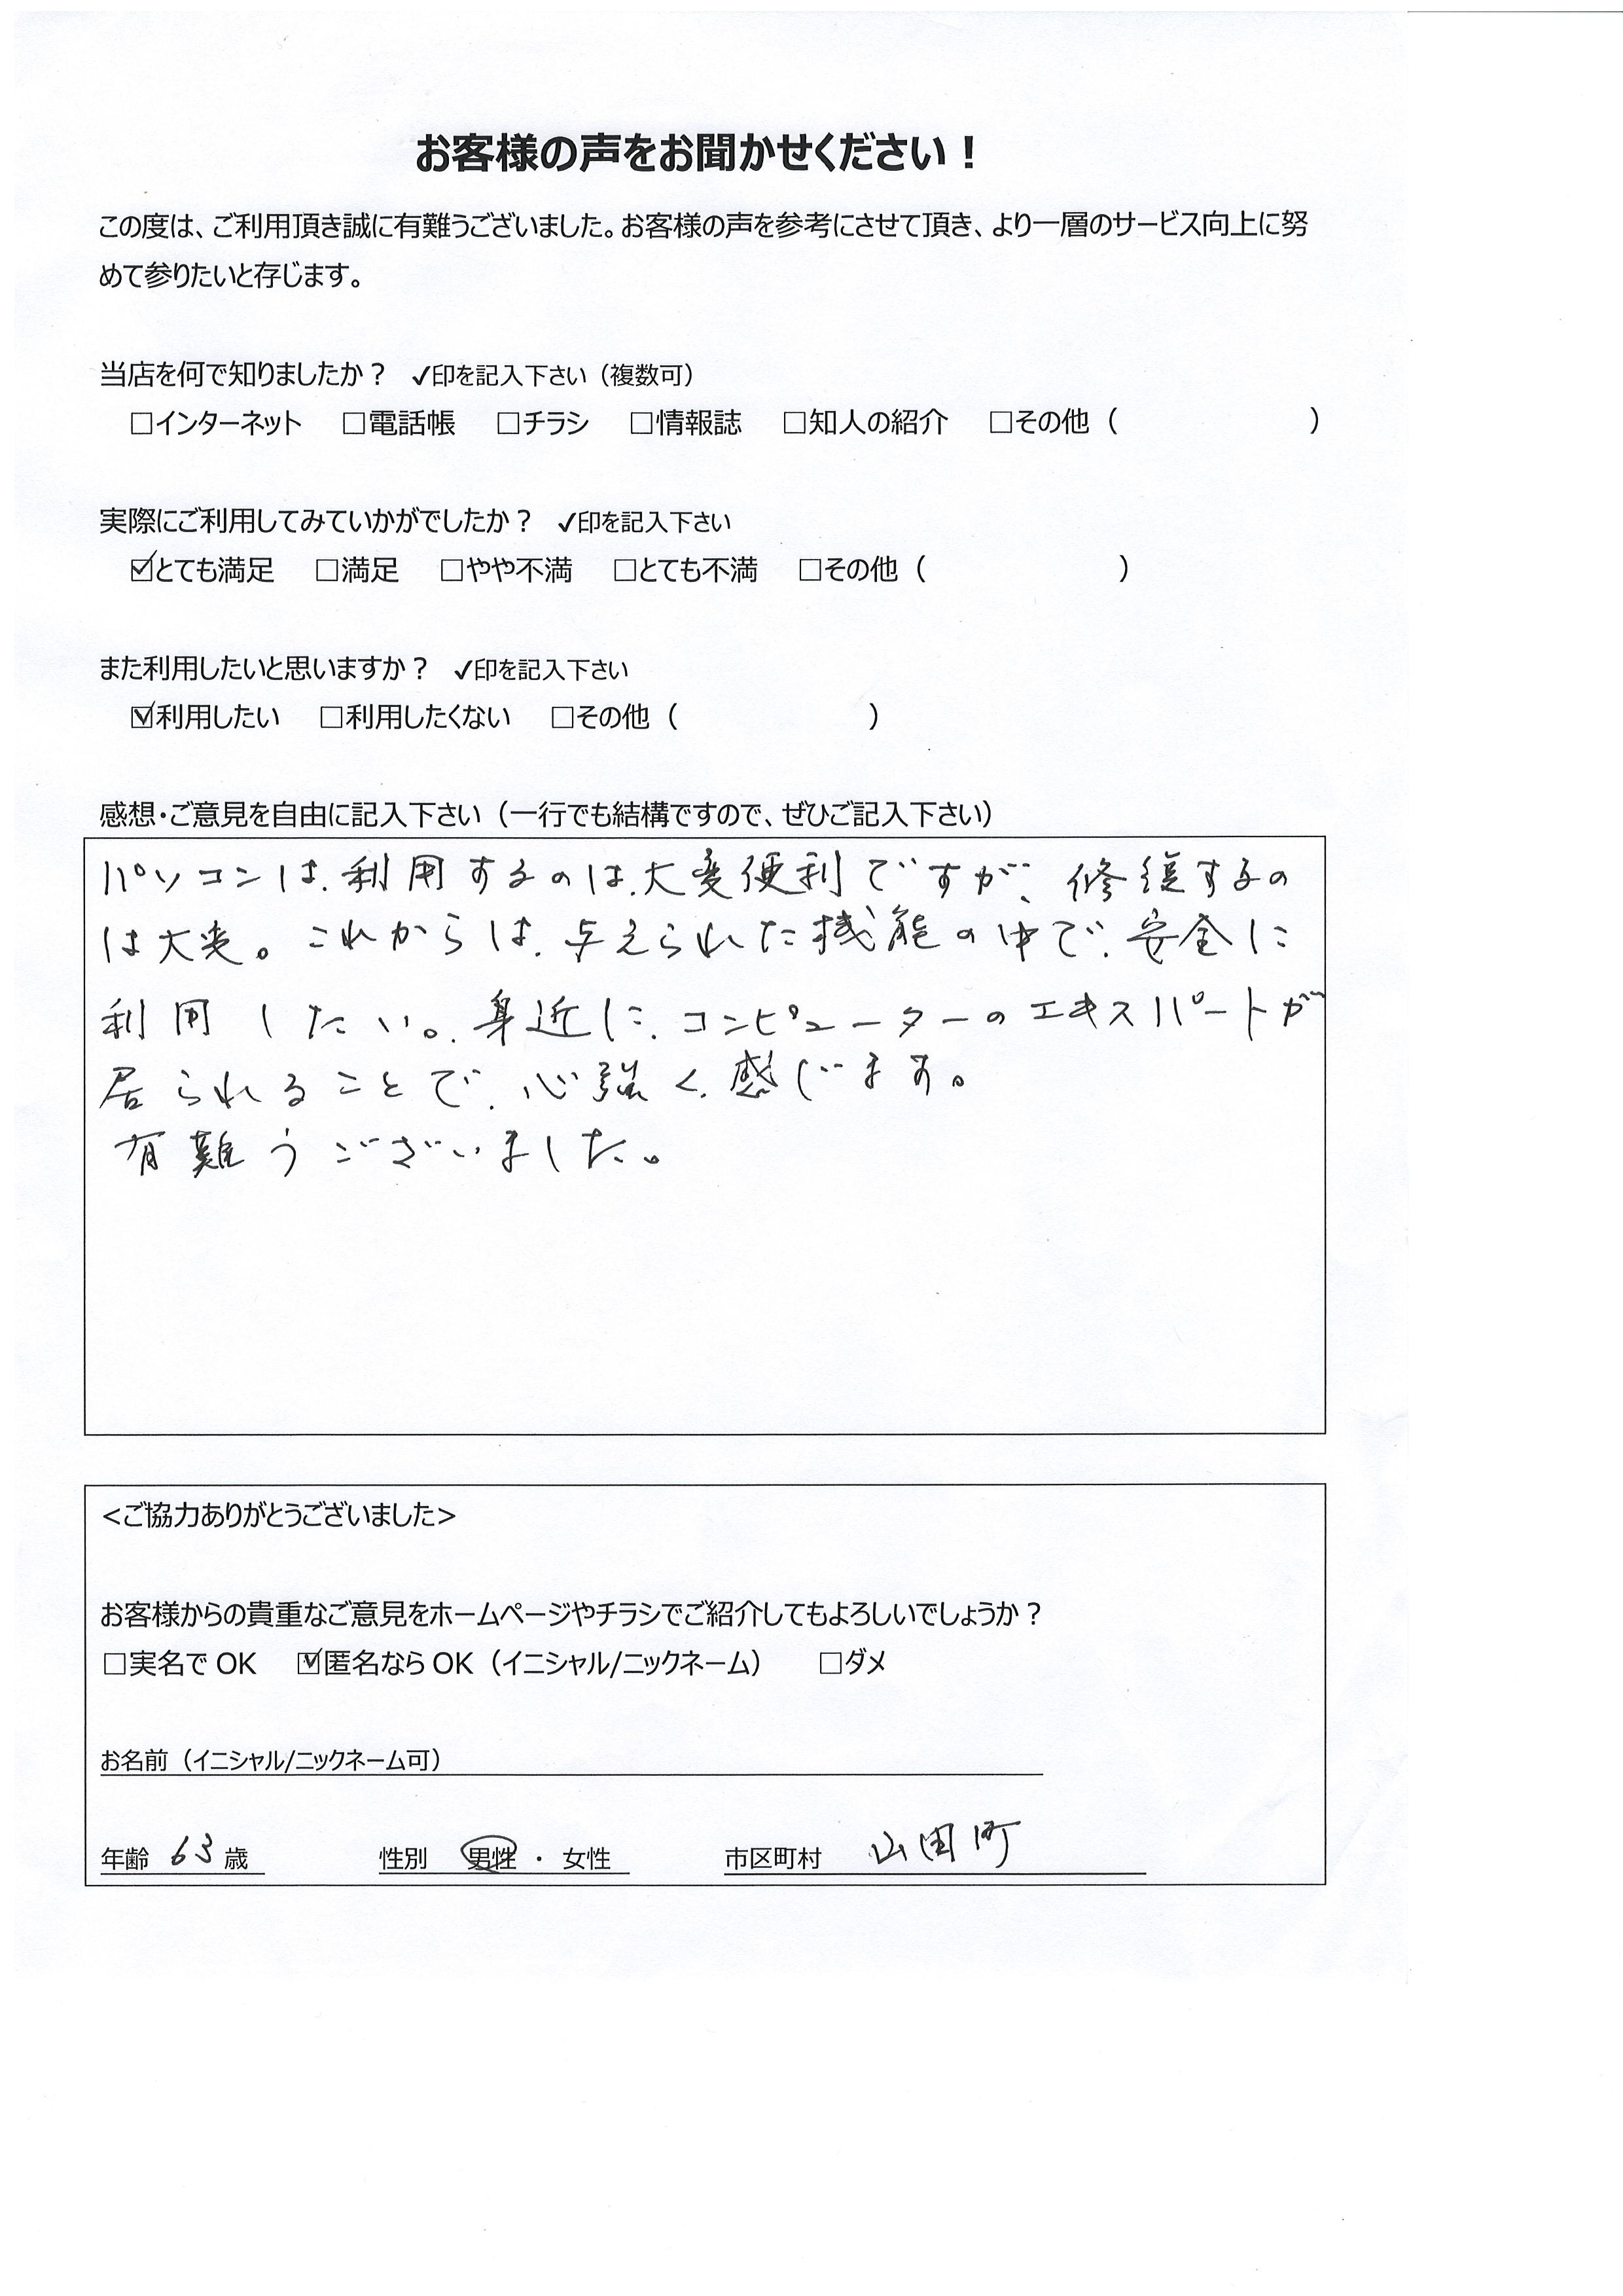 2016年7月5日 都城市山田町(パソコンサポート)